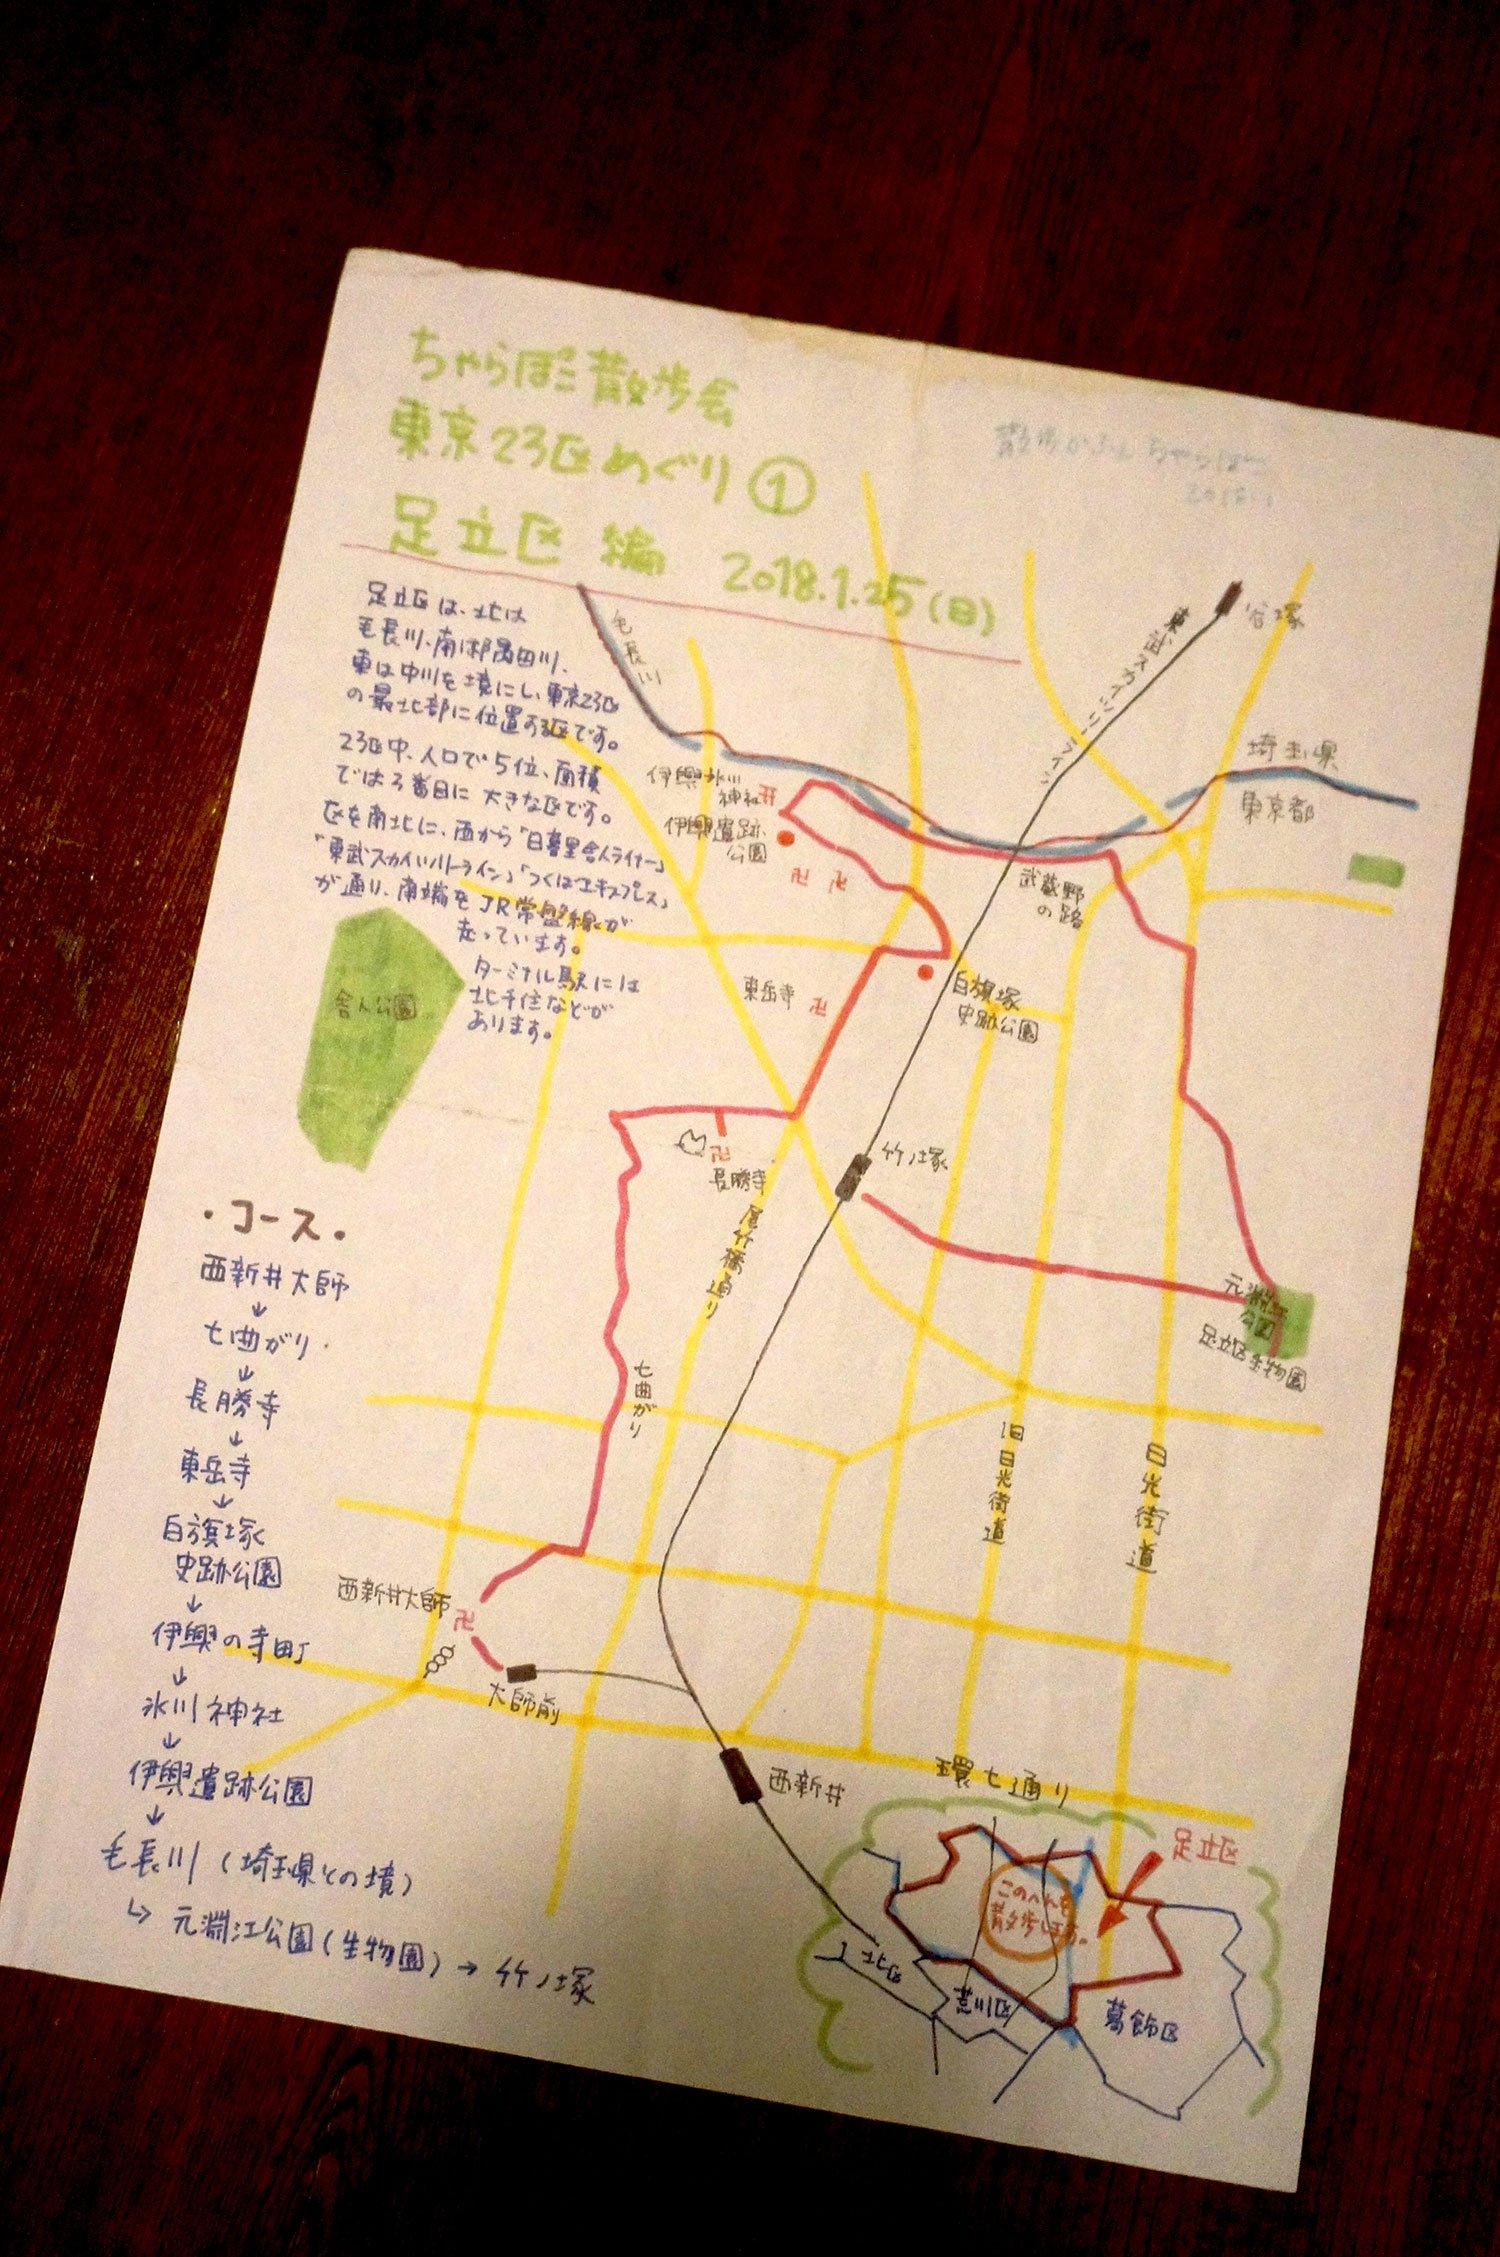 2018年の1月に行った散歩会「23区めぐり 足立区編」のルートマップ。地図の中央には猫のマークがあるが、ここは子猫だったたねちゃんと出会った場所だった。川島さんは寒さの厳しい冬場で心配になり、すぐに近所の獣医に連れて行ったそう。